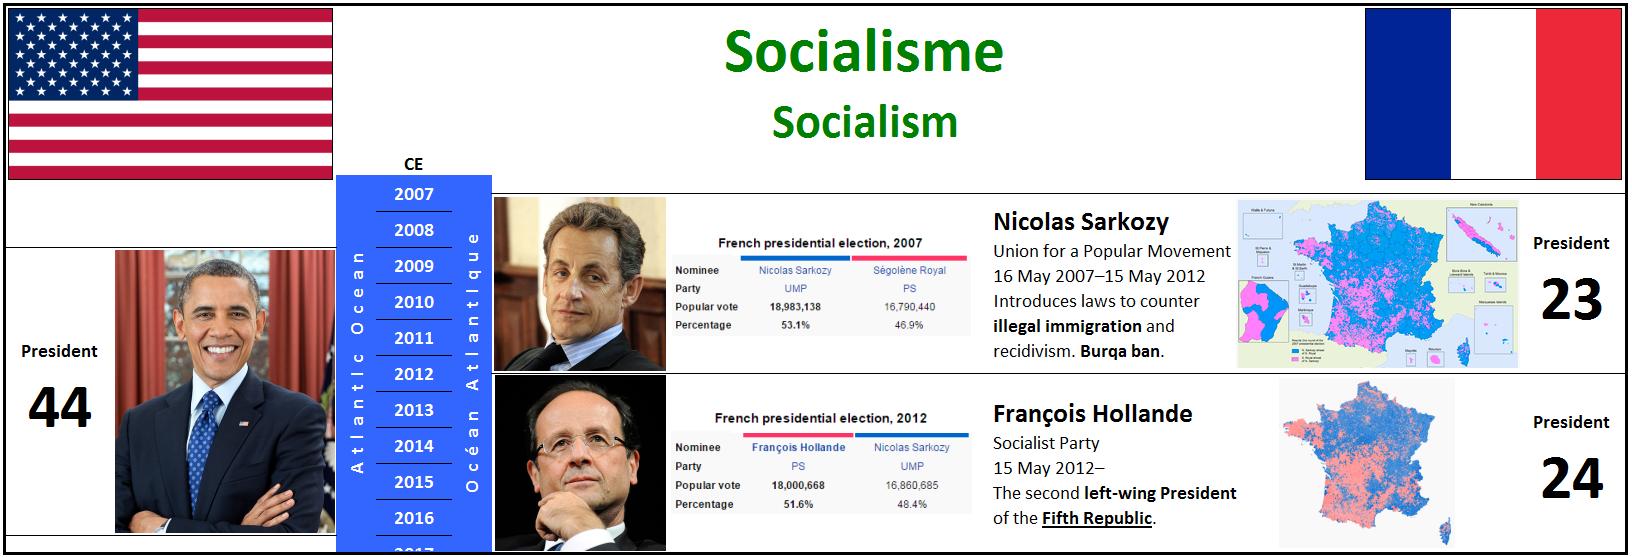 2007 Socialisme Nicolas Sarkozy Burqa ban François Hollande